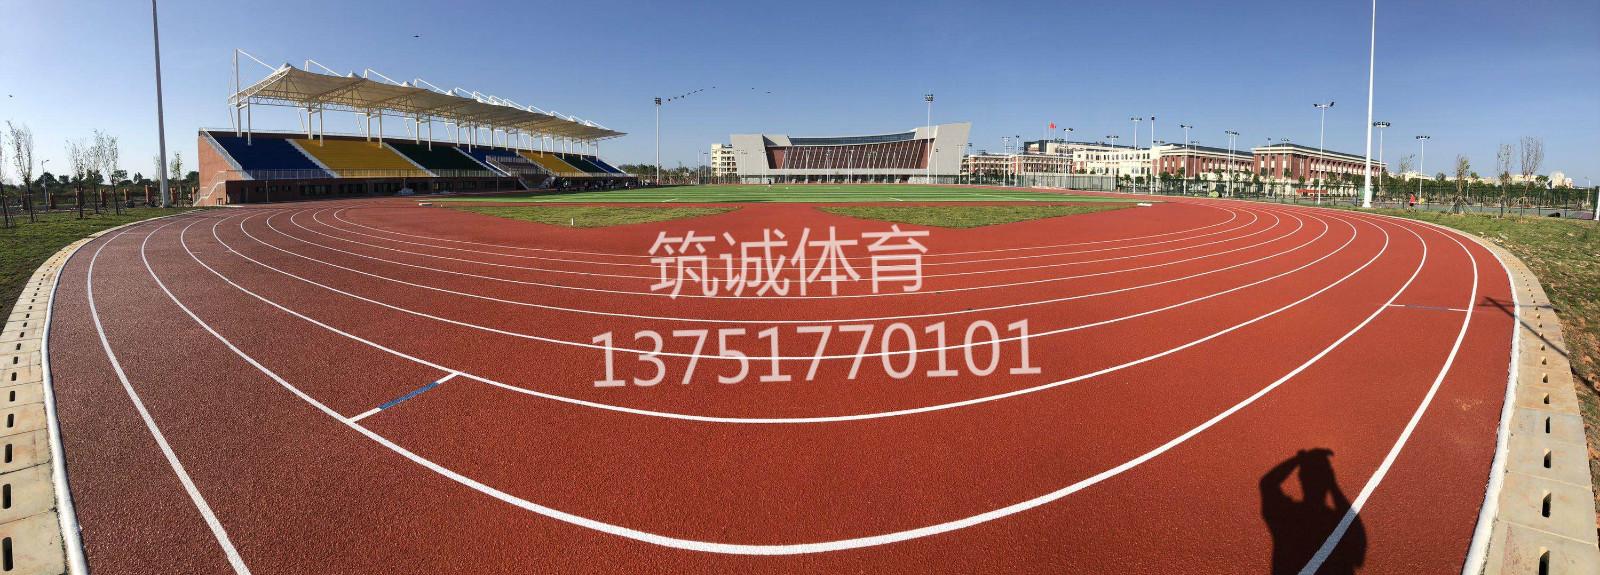 云南南宁师范学院武鸣校区运动场